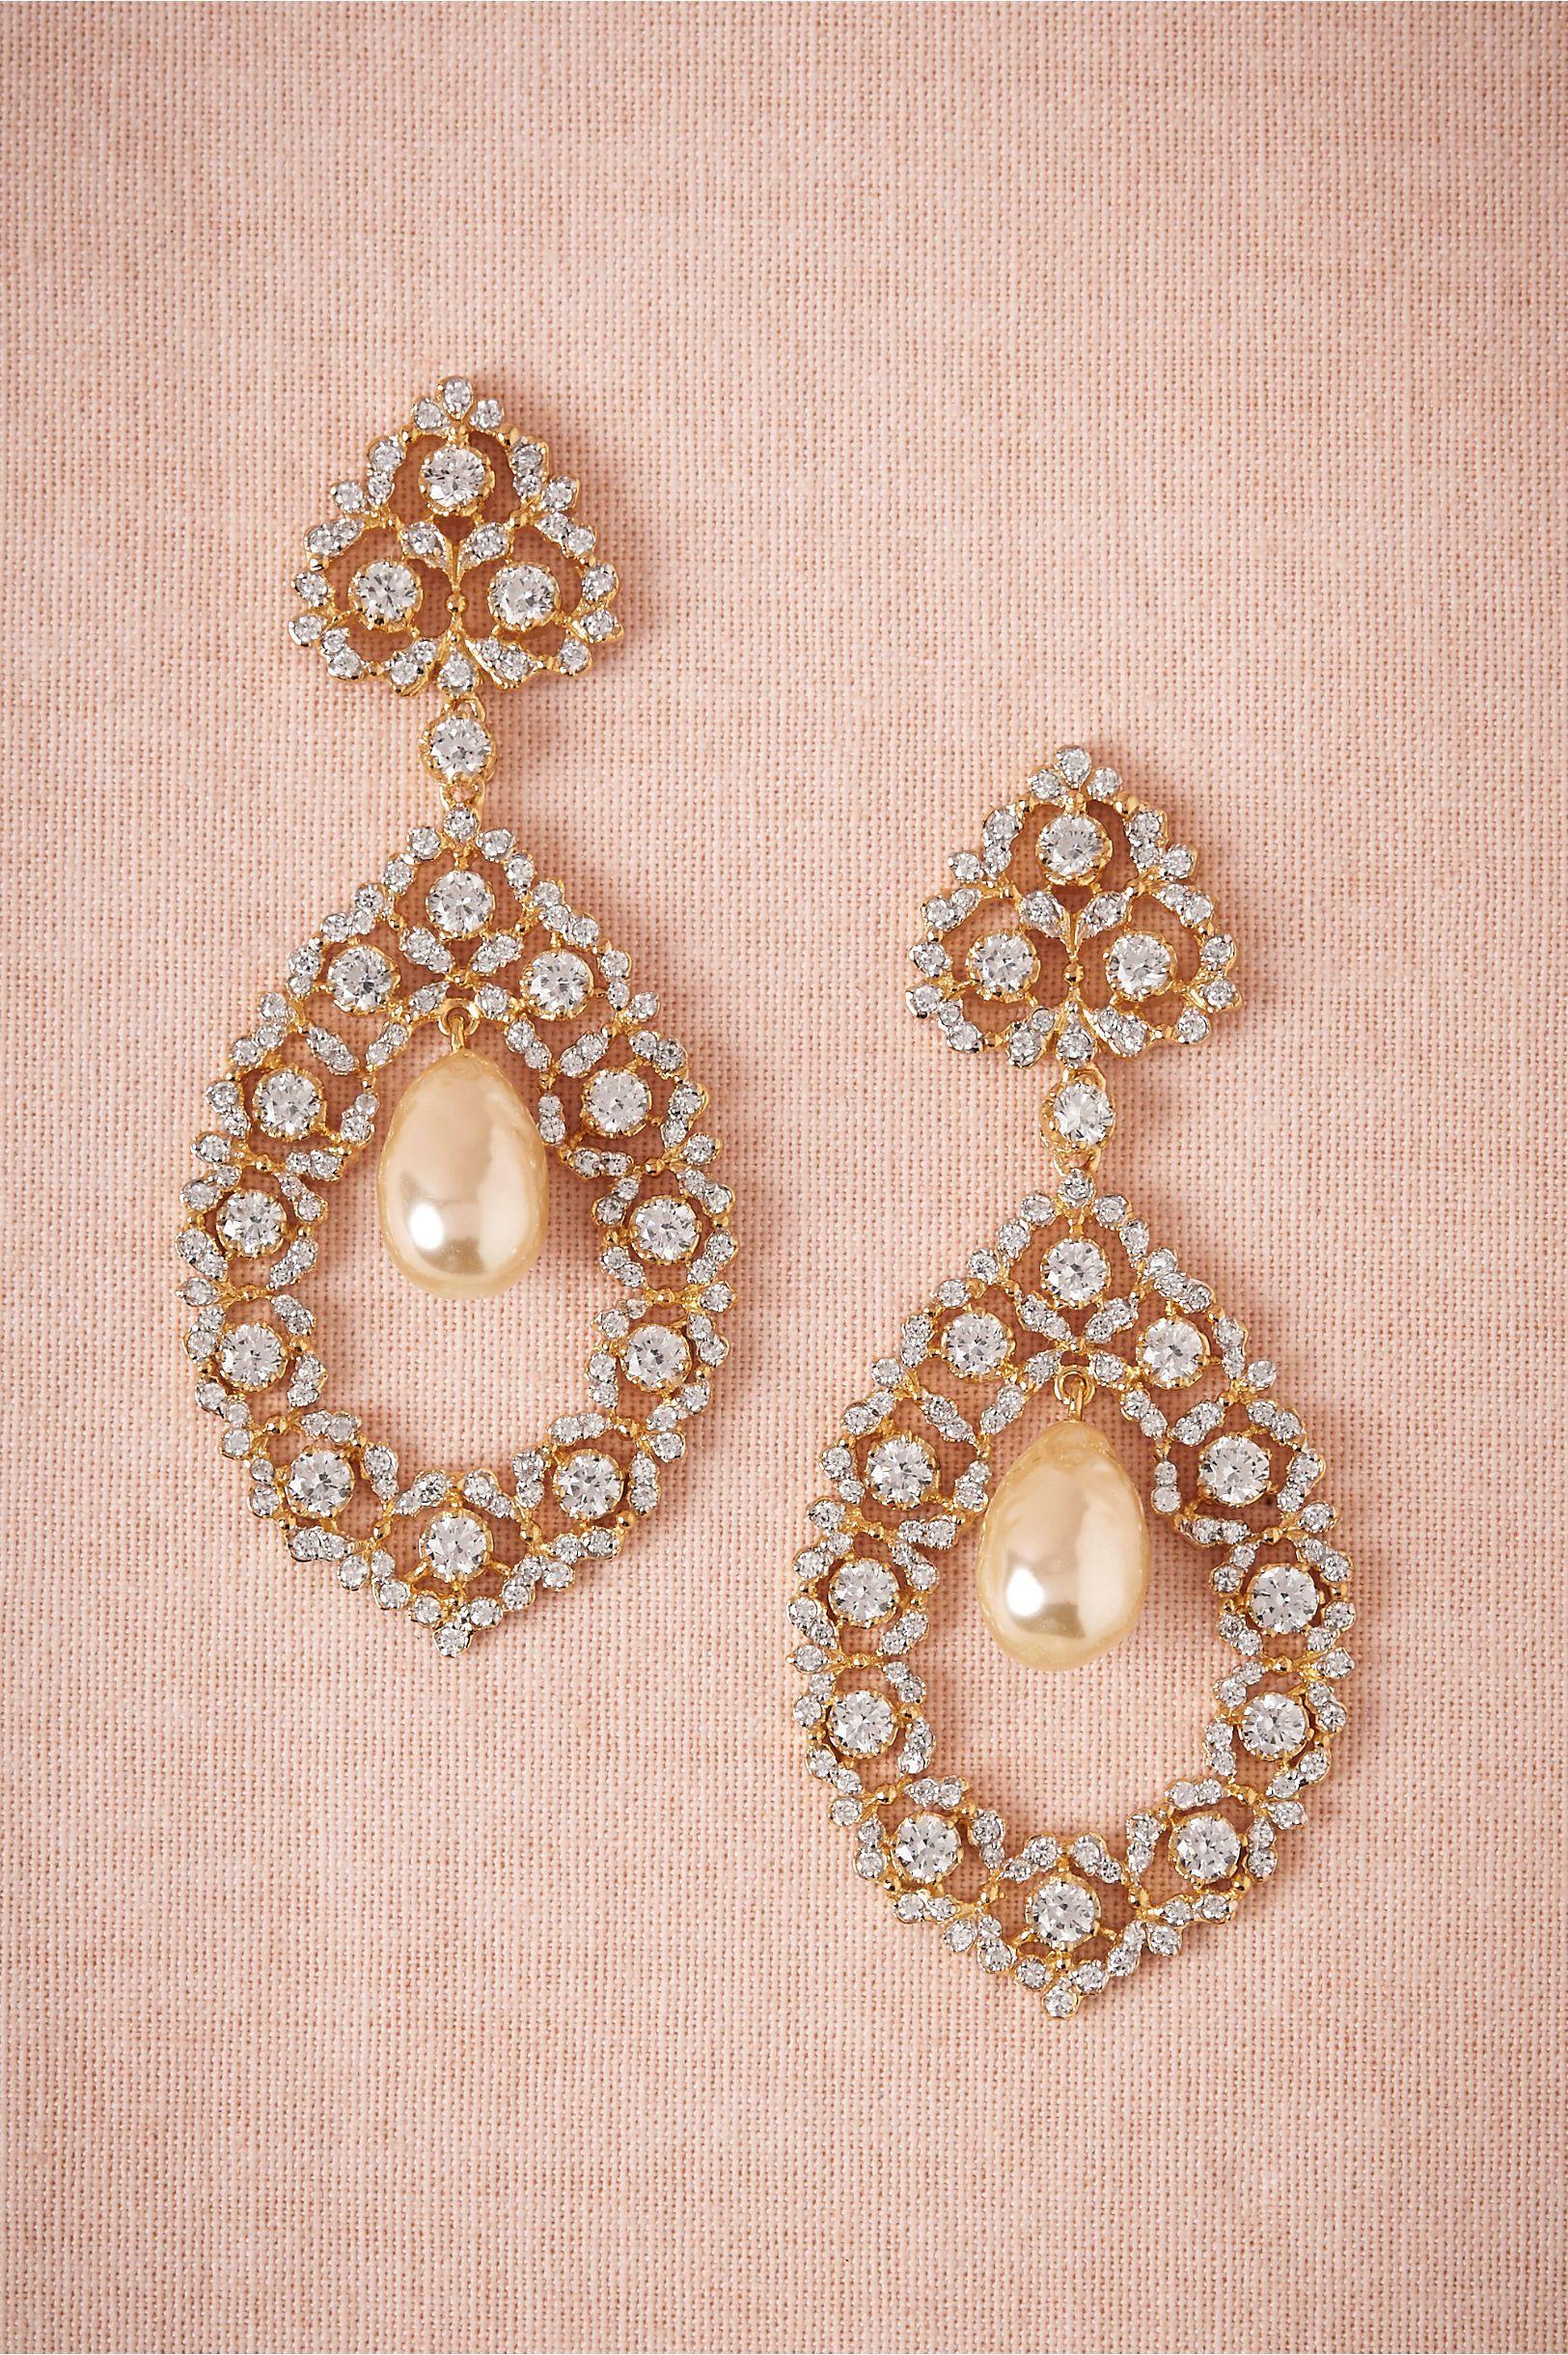 Kali Drops in Sale Jewelry at BHLDN Wedding Stuff